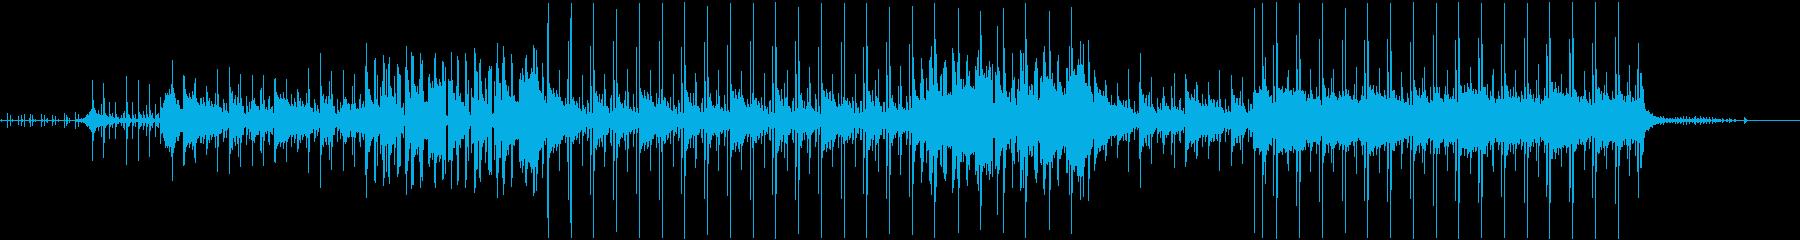 マリンバ、カリンバ、ハープ、ストリ...の再生済みの波形